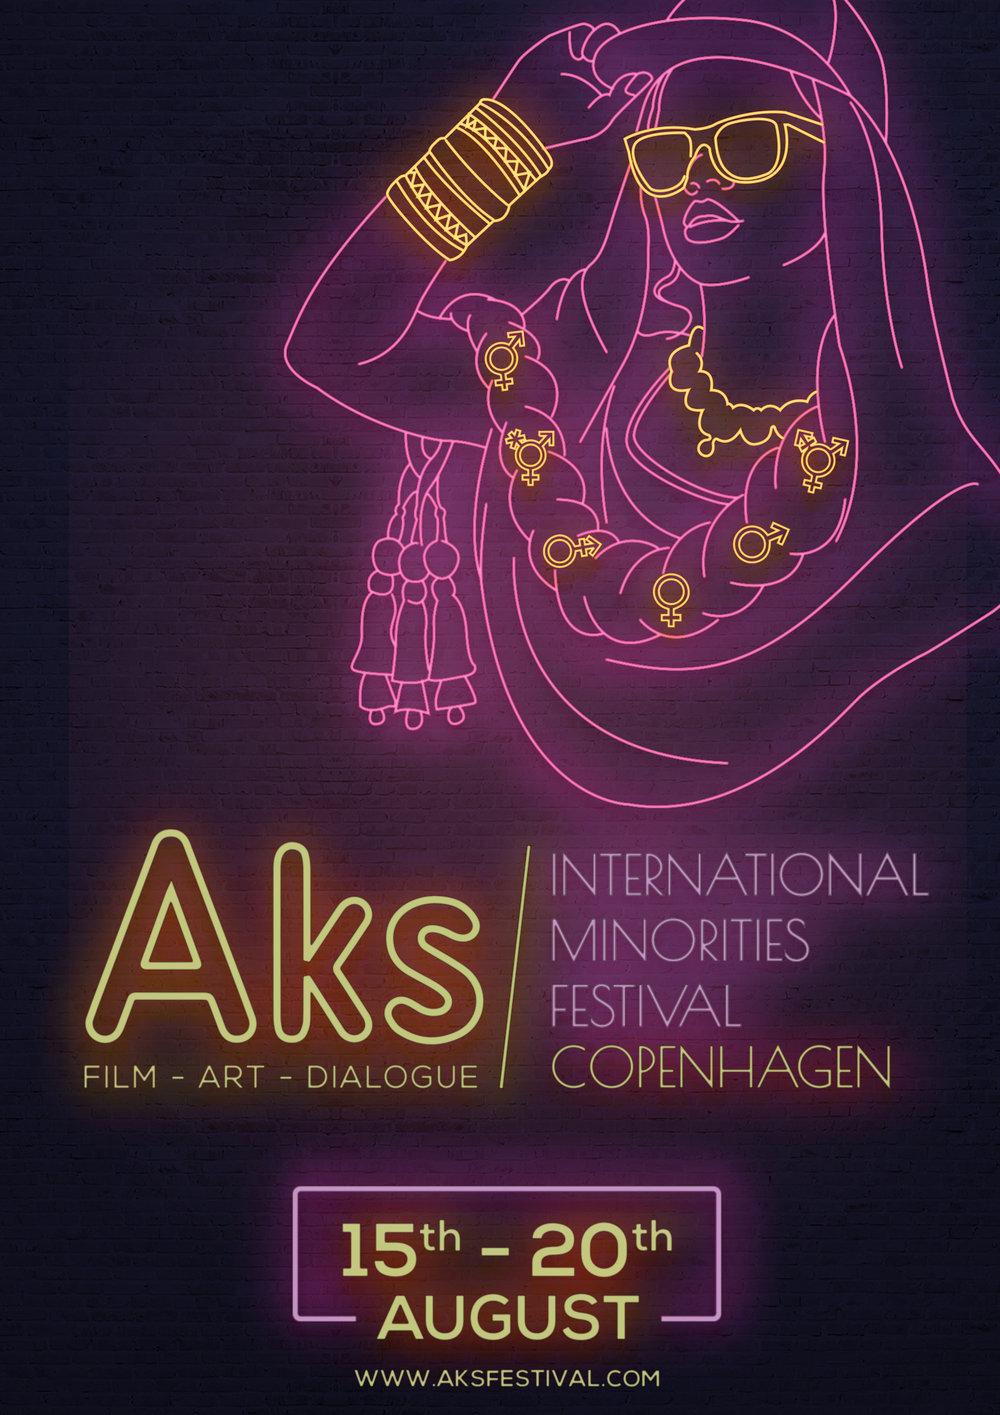 Festival poster by Shahnawaz Memon